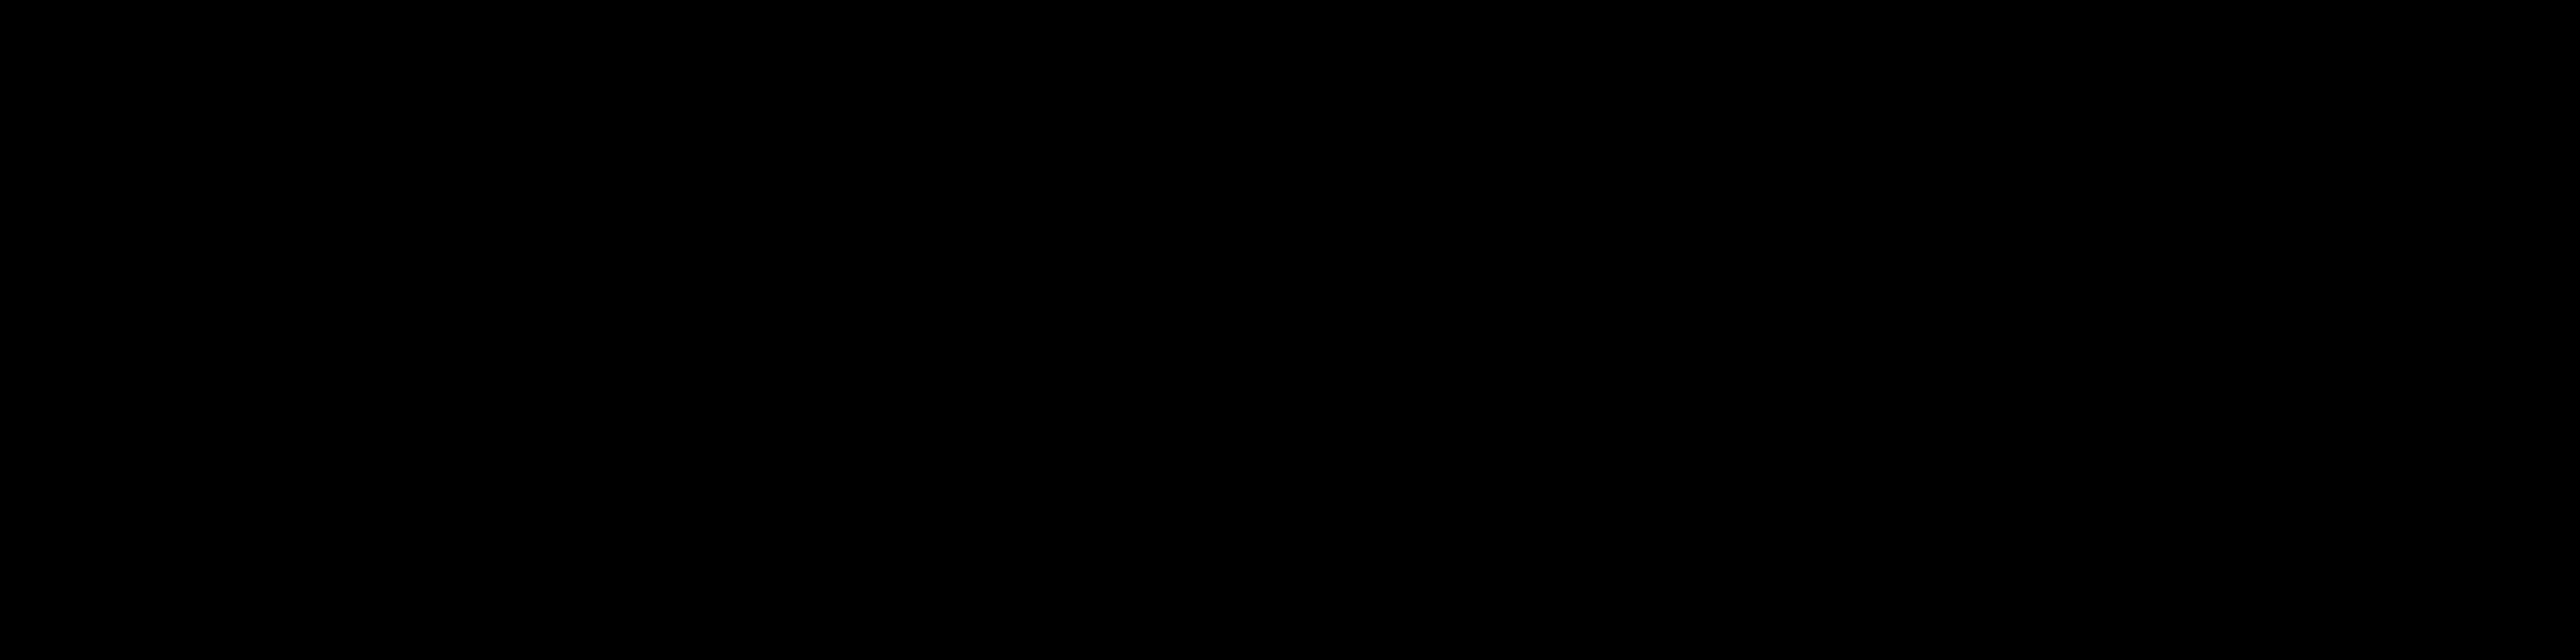 Nimmanhaemin